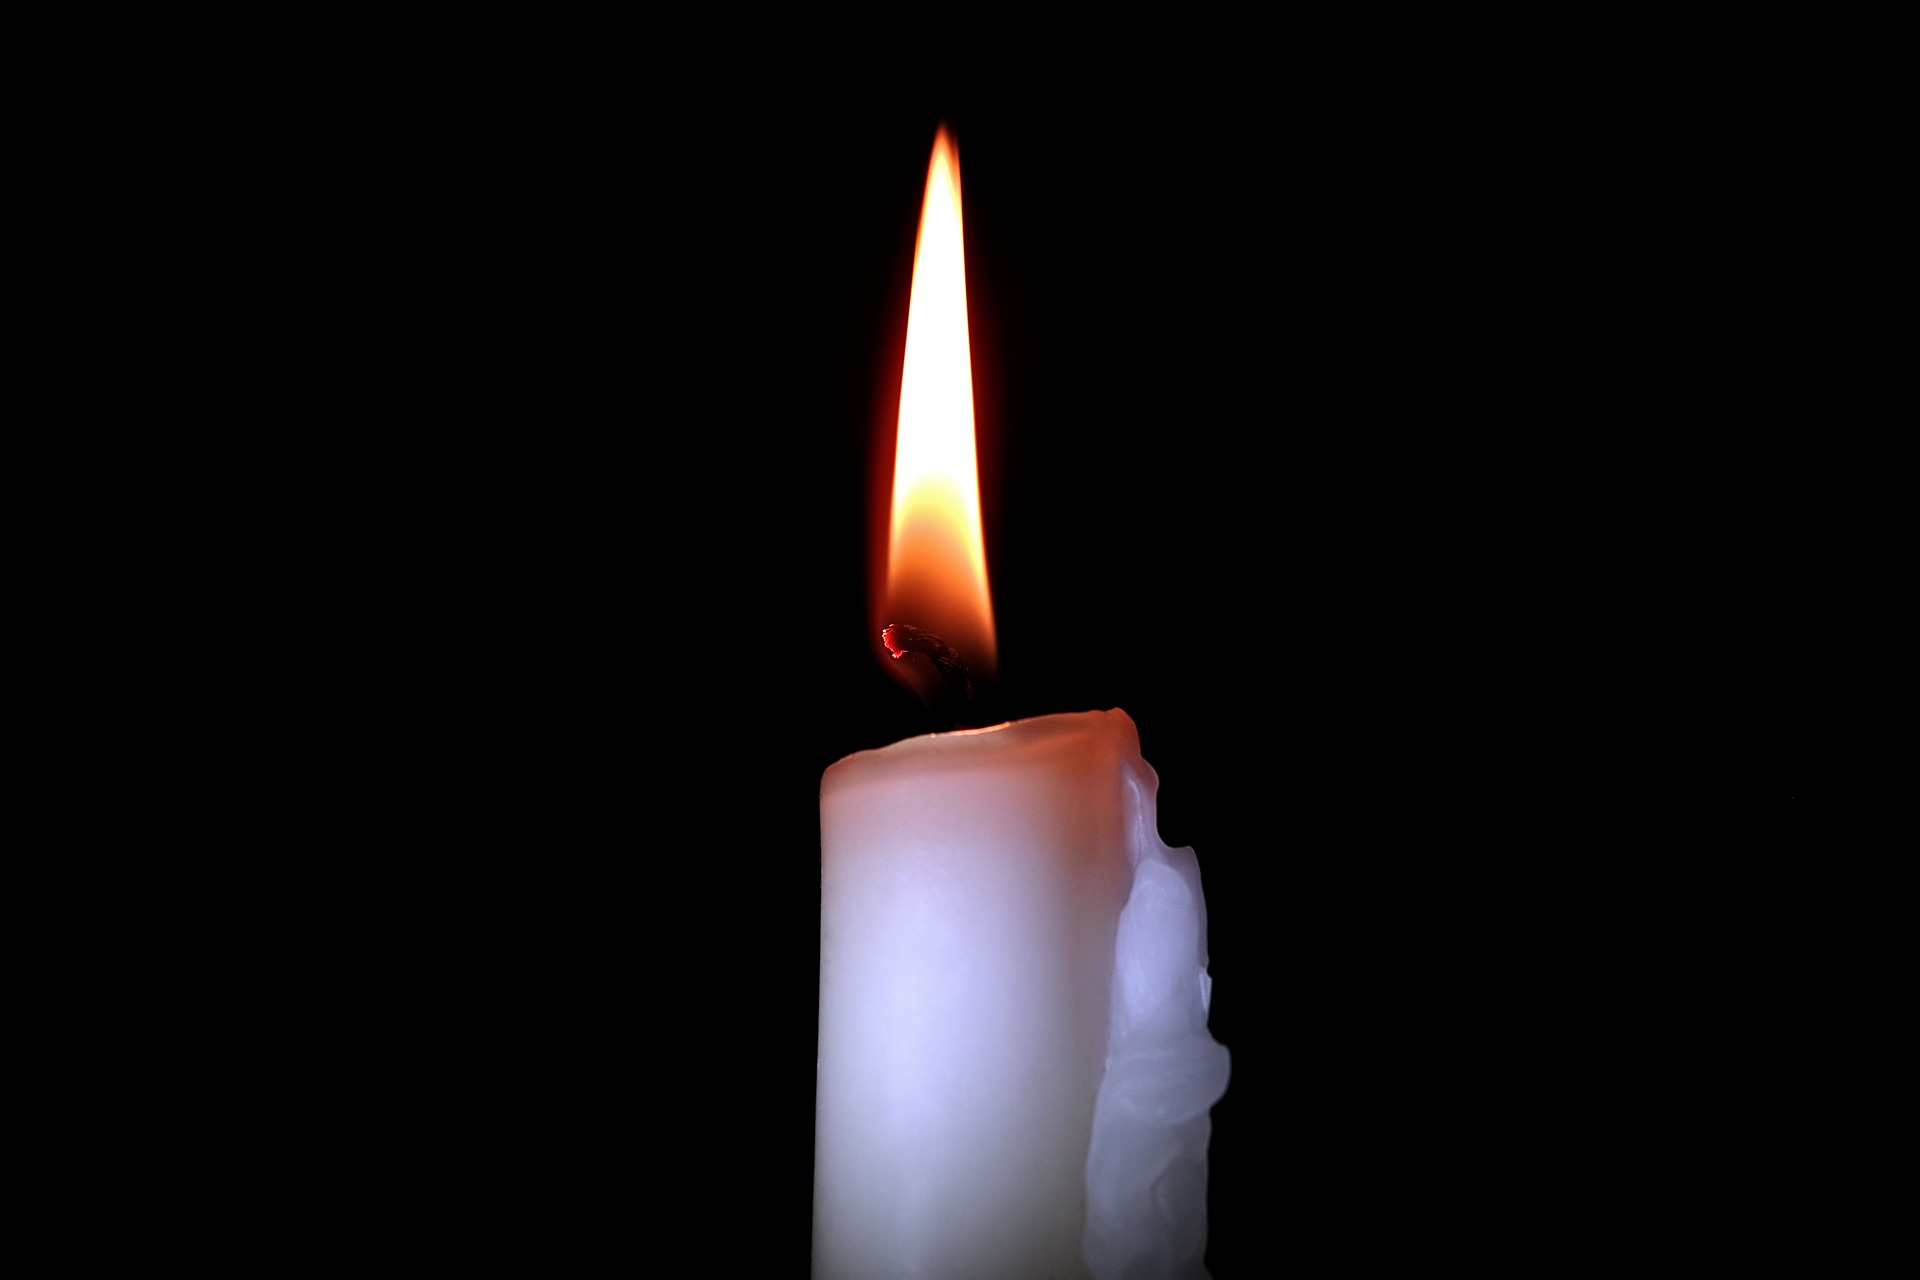 Zmarło czterech pensjonariuszy w domu pomocy w Cmolasie  - Zdjęcie główne